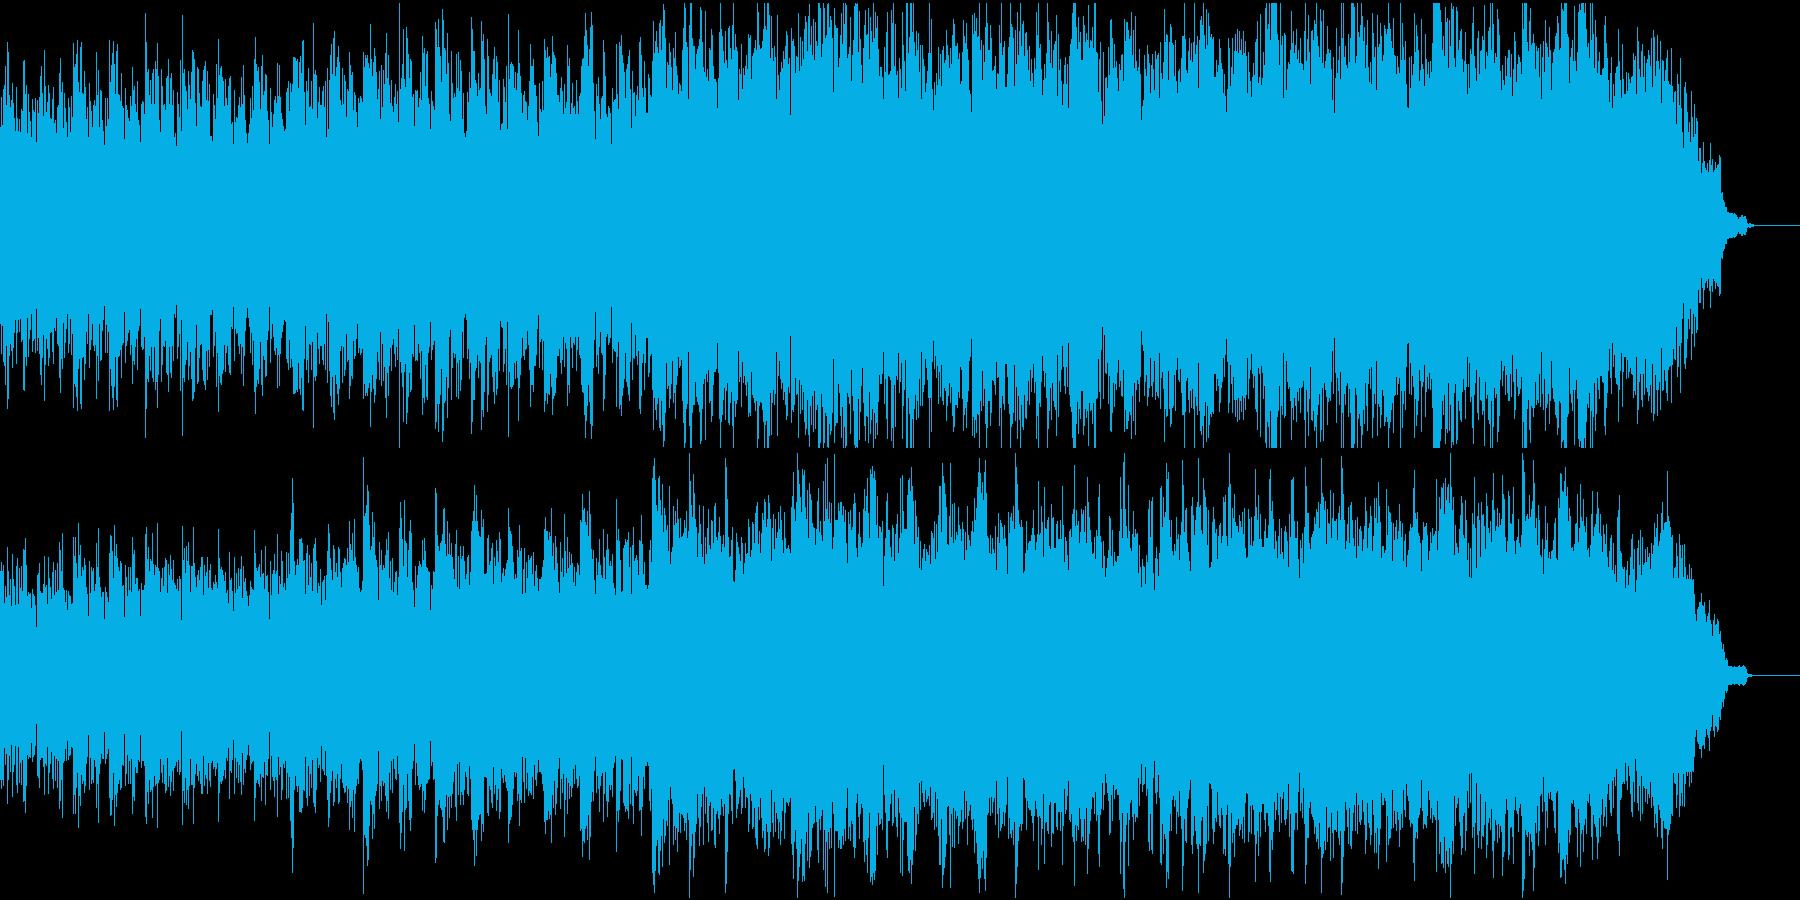 優しく感動的なピアノ+オケ④ピアノ弦のみの再生済みの波形